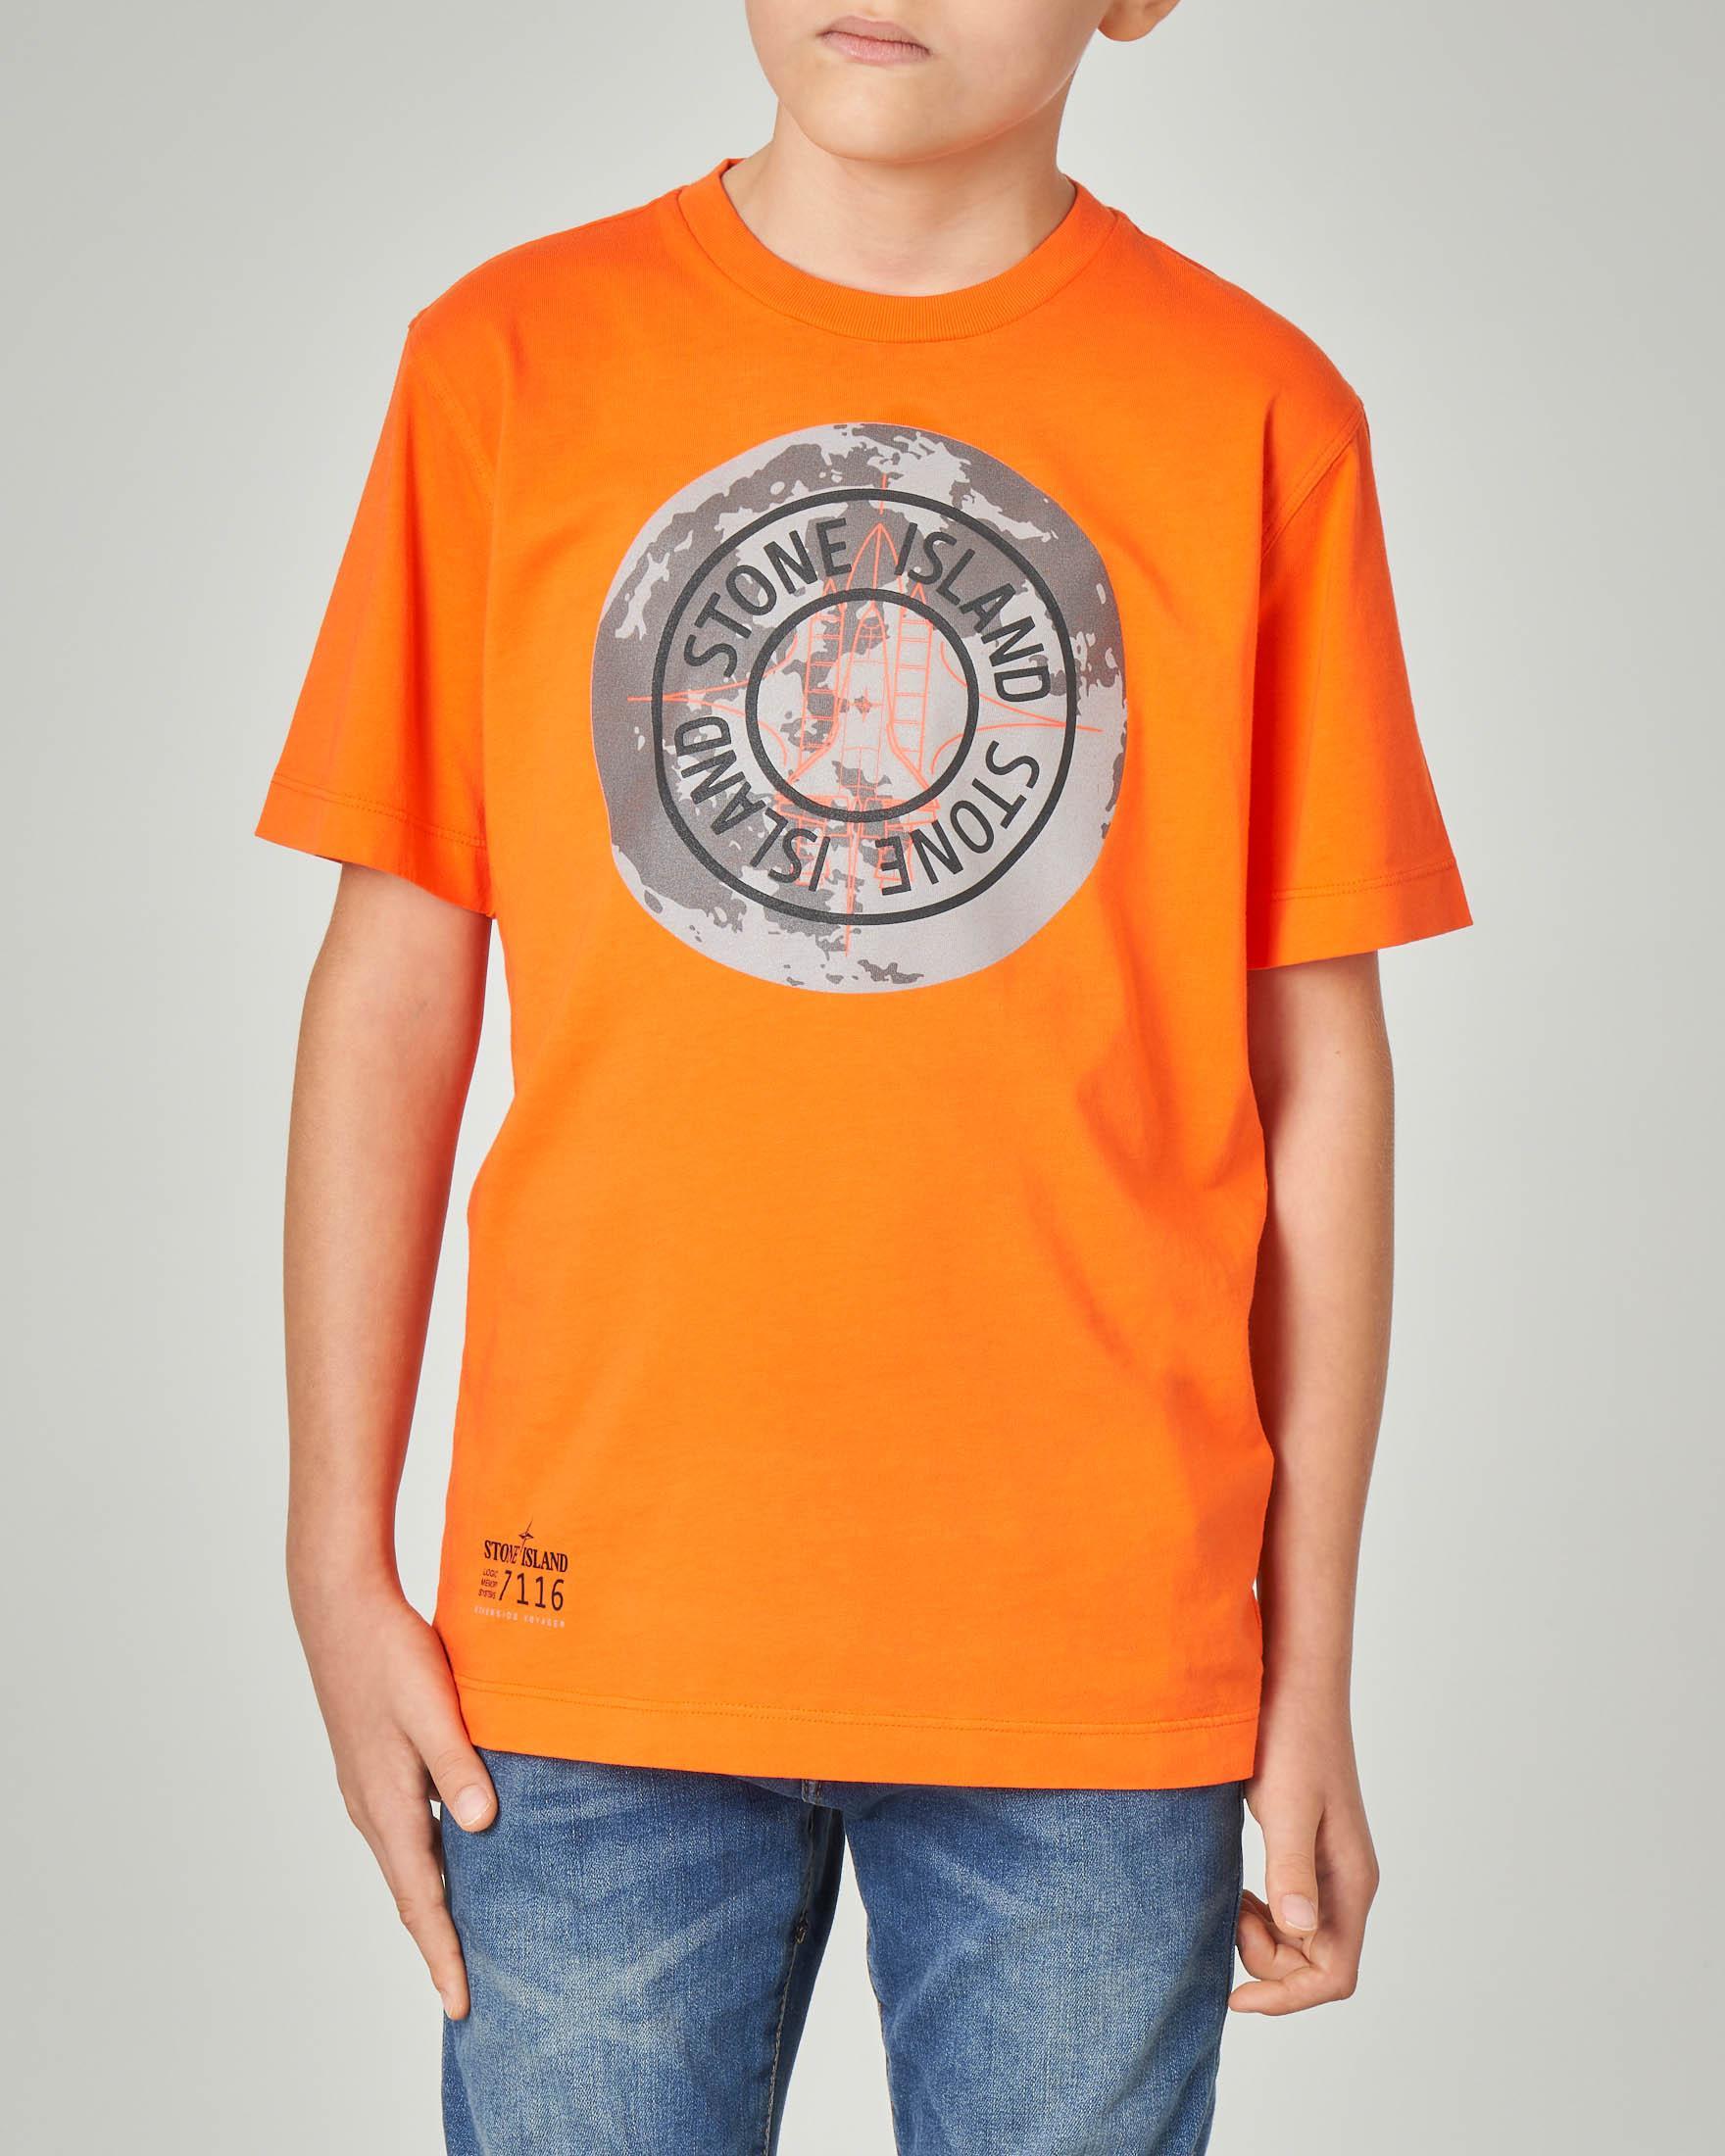 T-shirt arancione con stampa e logo 10-12 anni